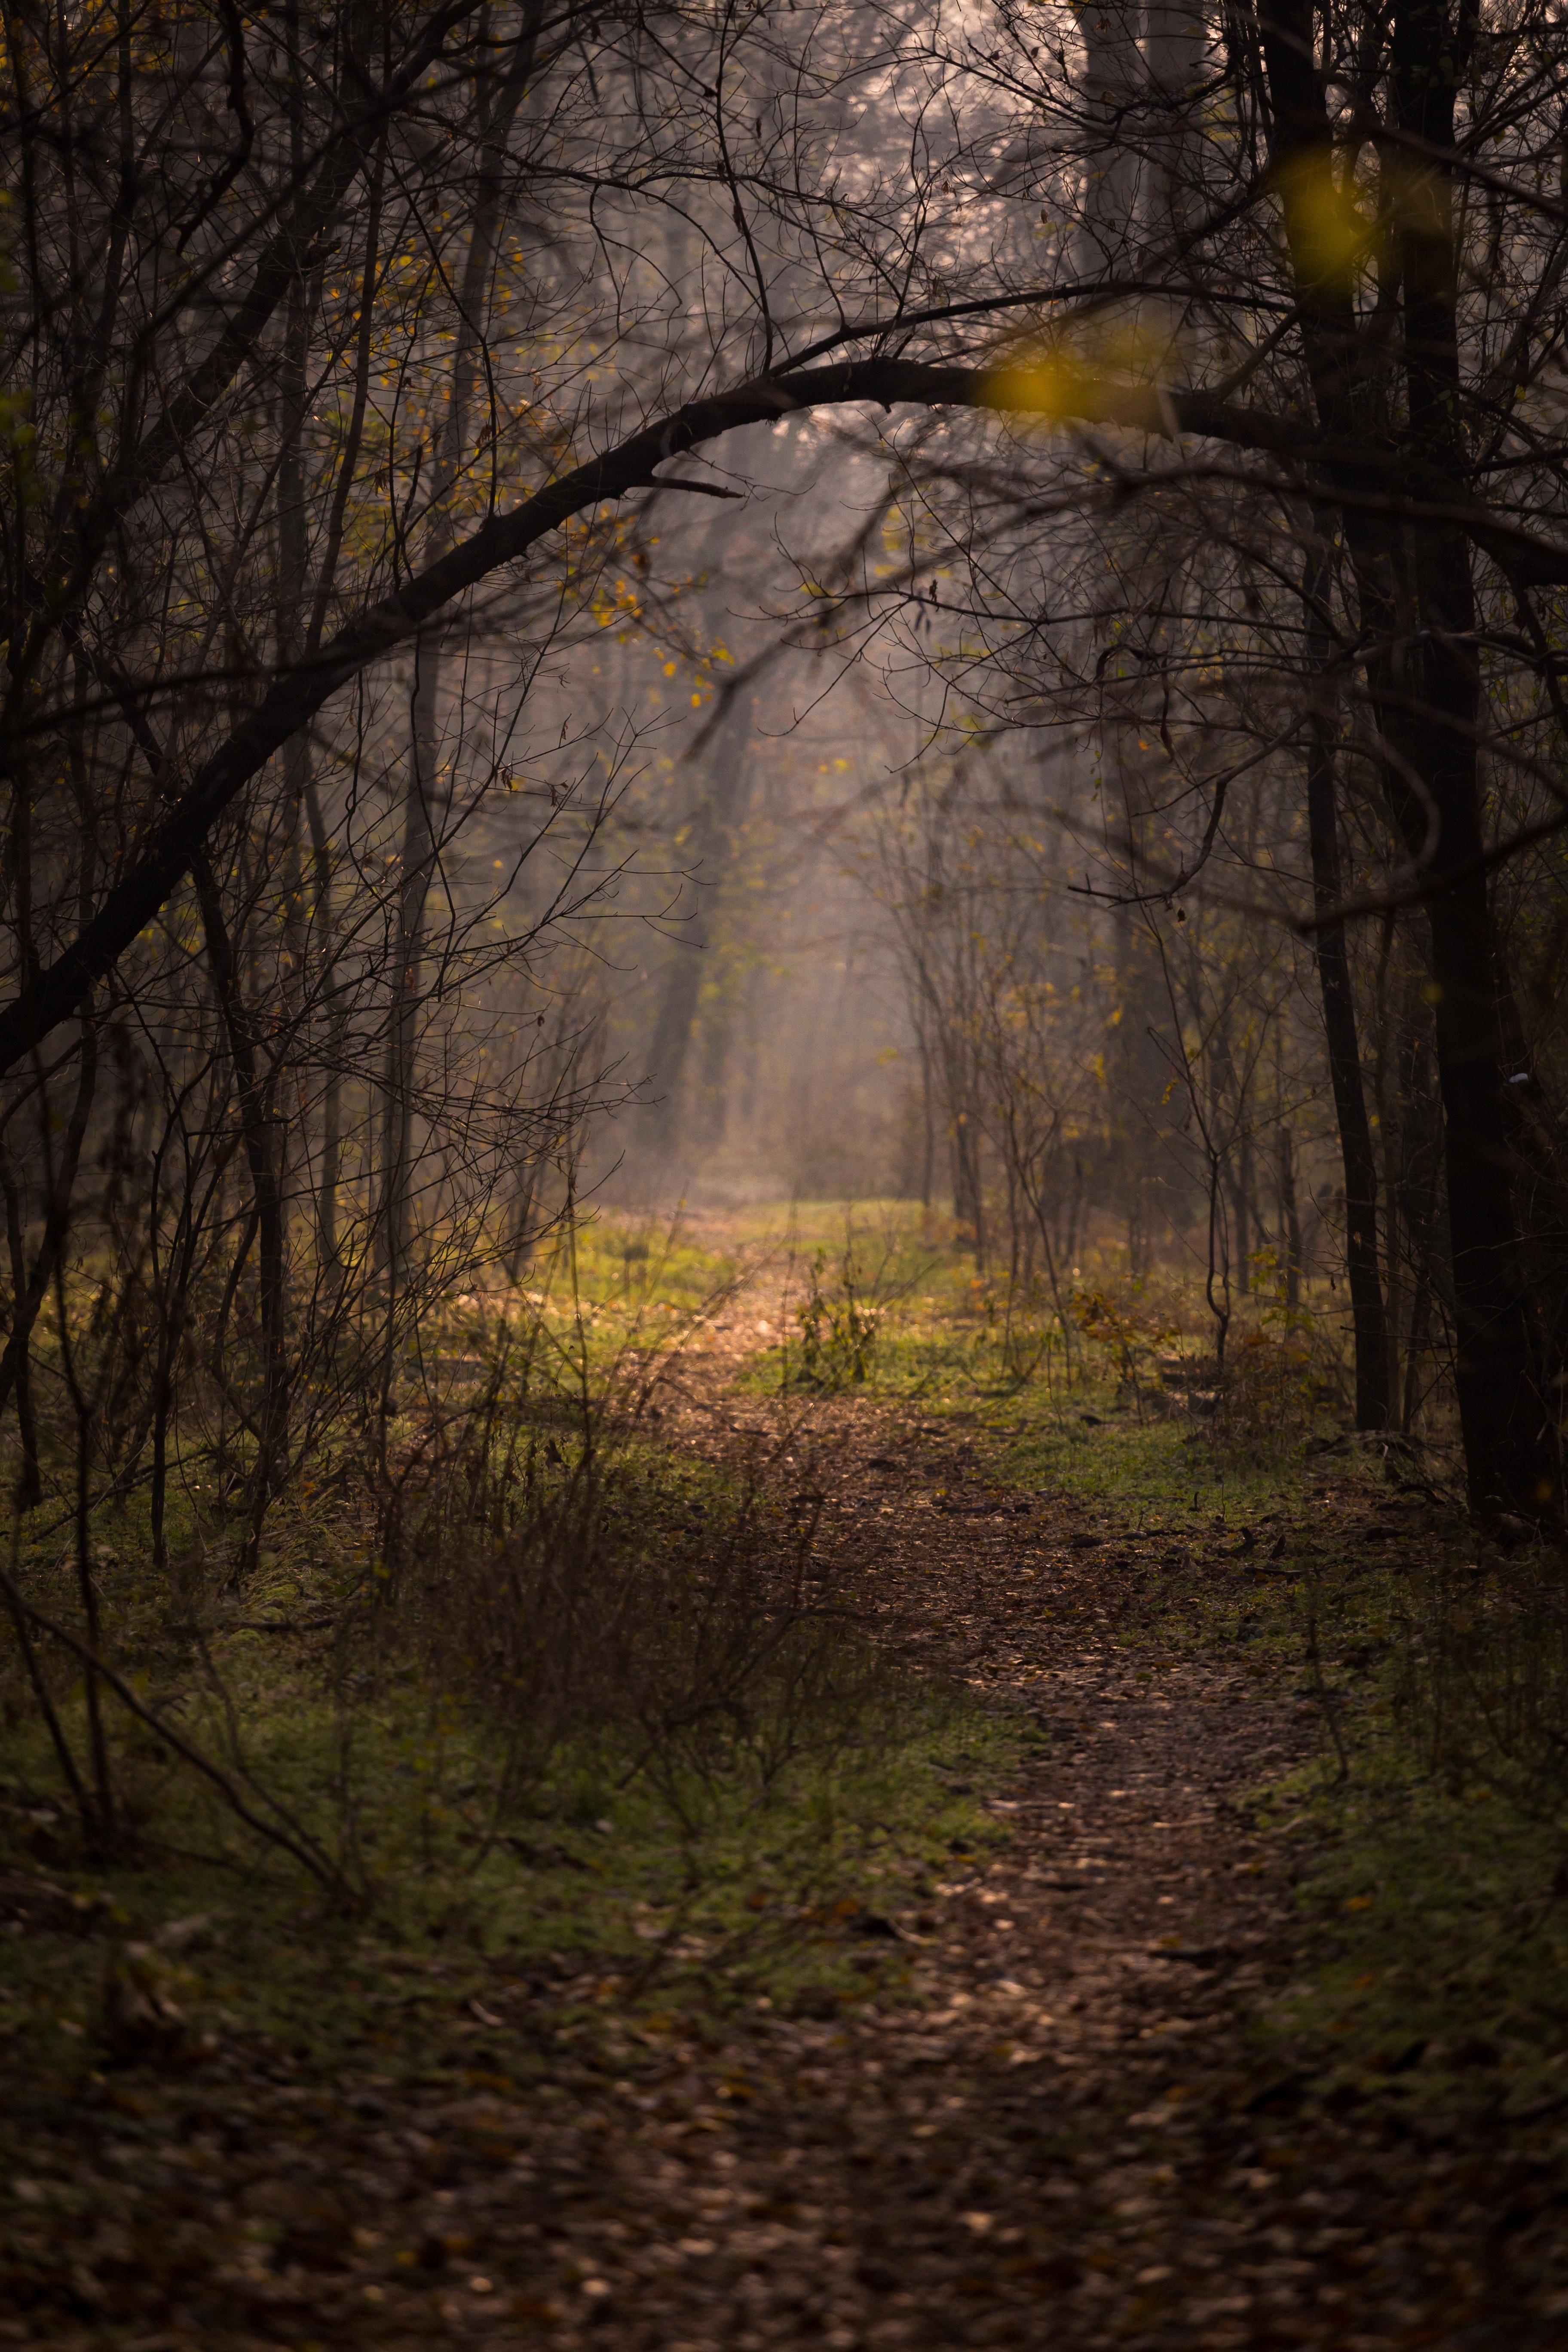 152422 fond d'écran 1125x2436 sur votre téléphone gratuitement, téléchargez des images Arbres, Nature, Forêt, Brouillard, Branches, Chemin 1125x2436 sur votre mobile